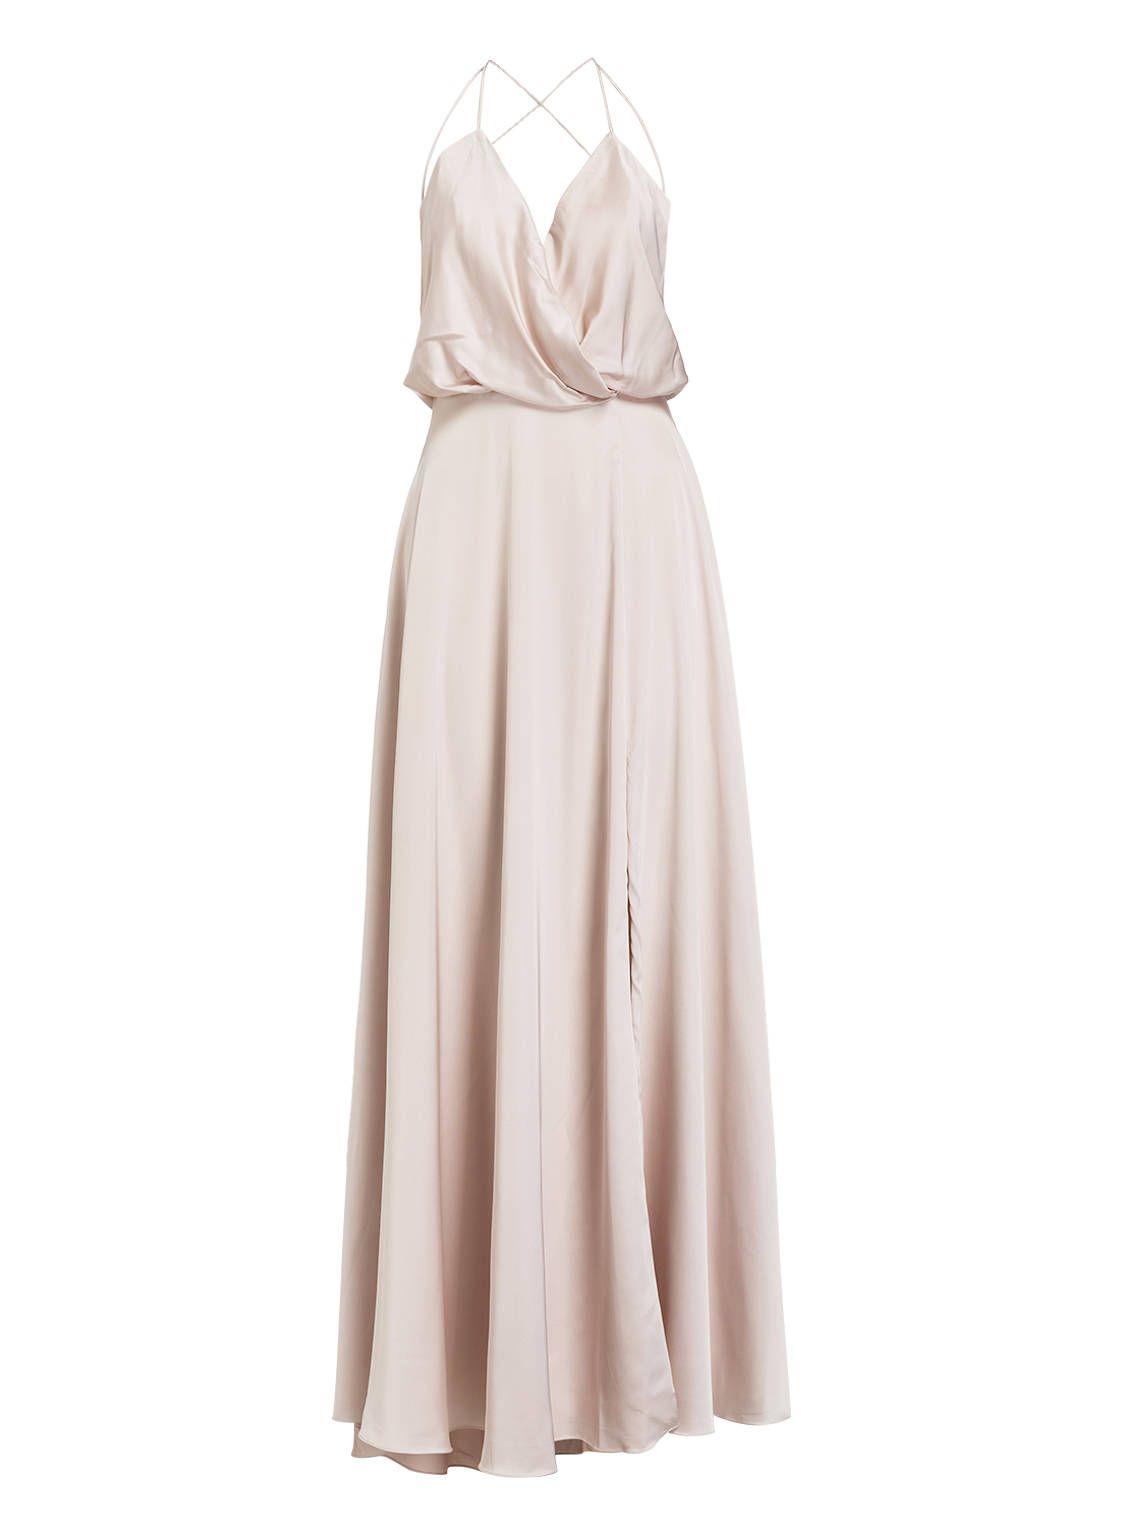 Abendkleid von unique bei Breuninger kaufen  Abendkleid, Kleider